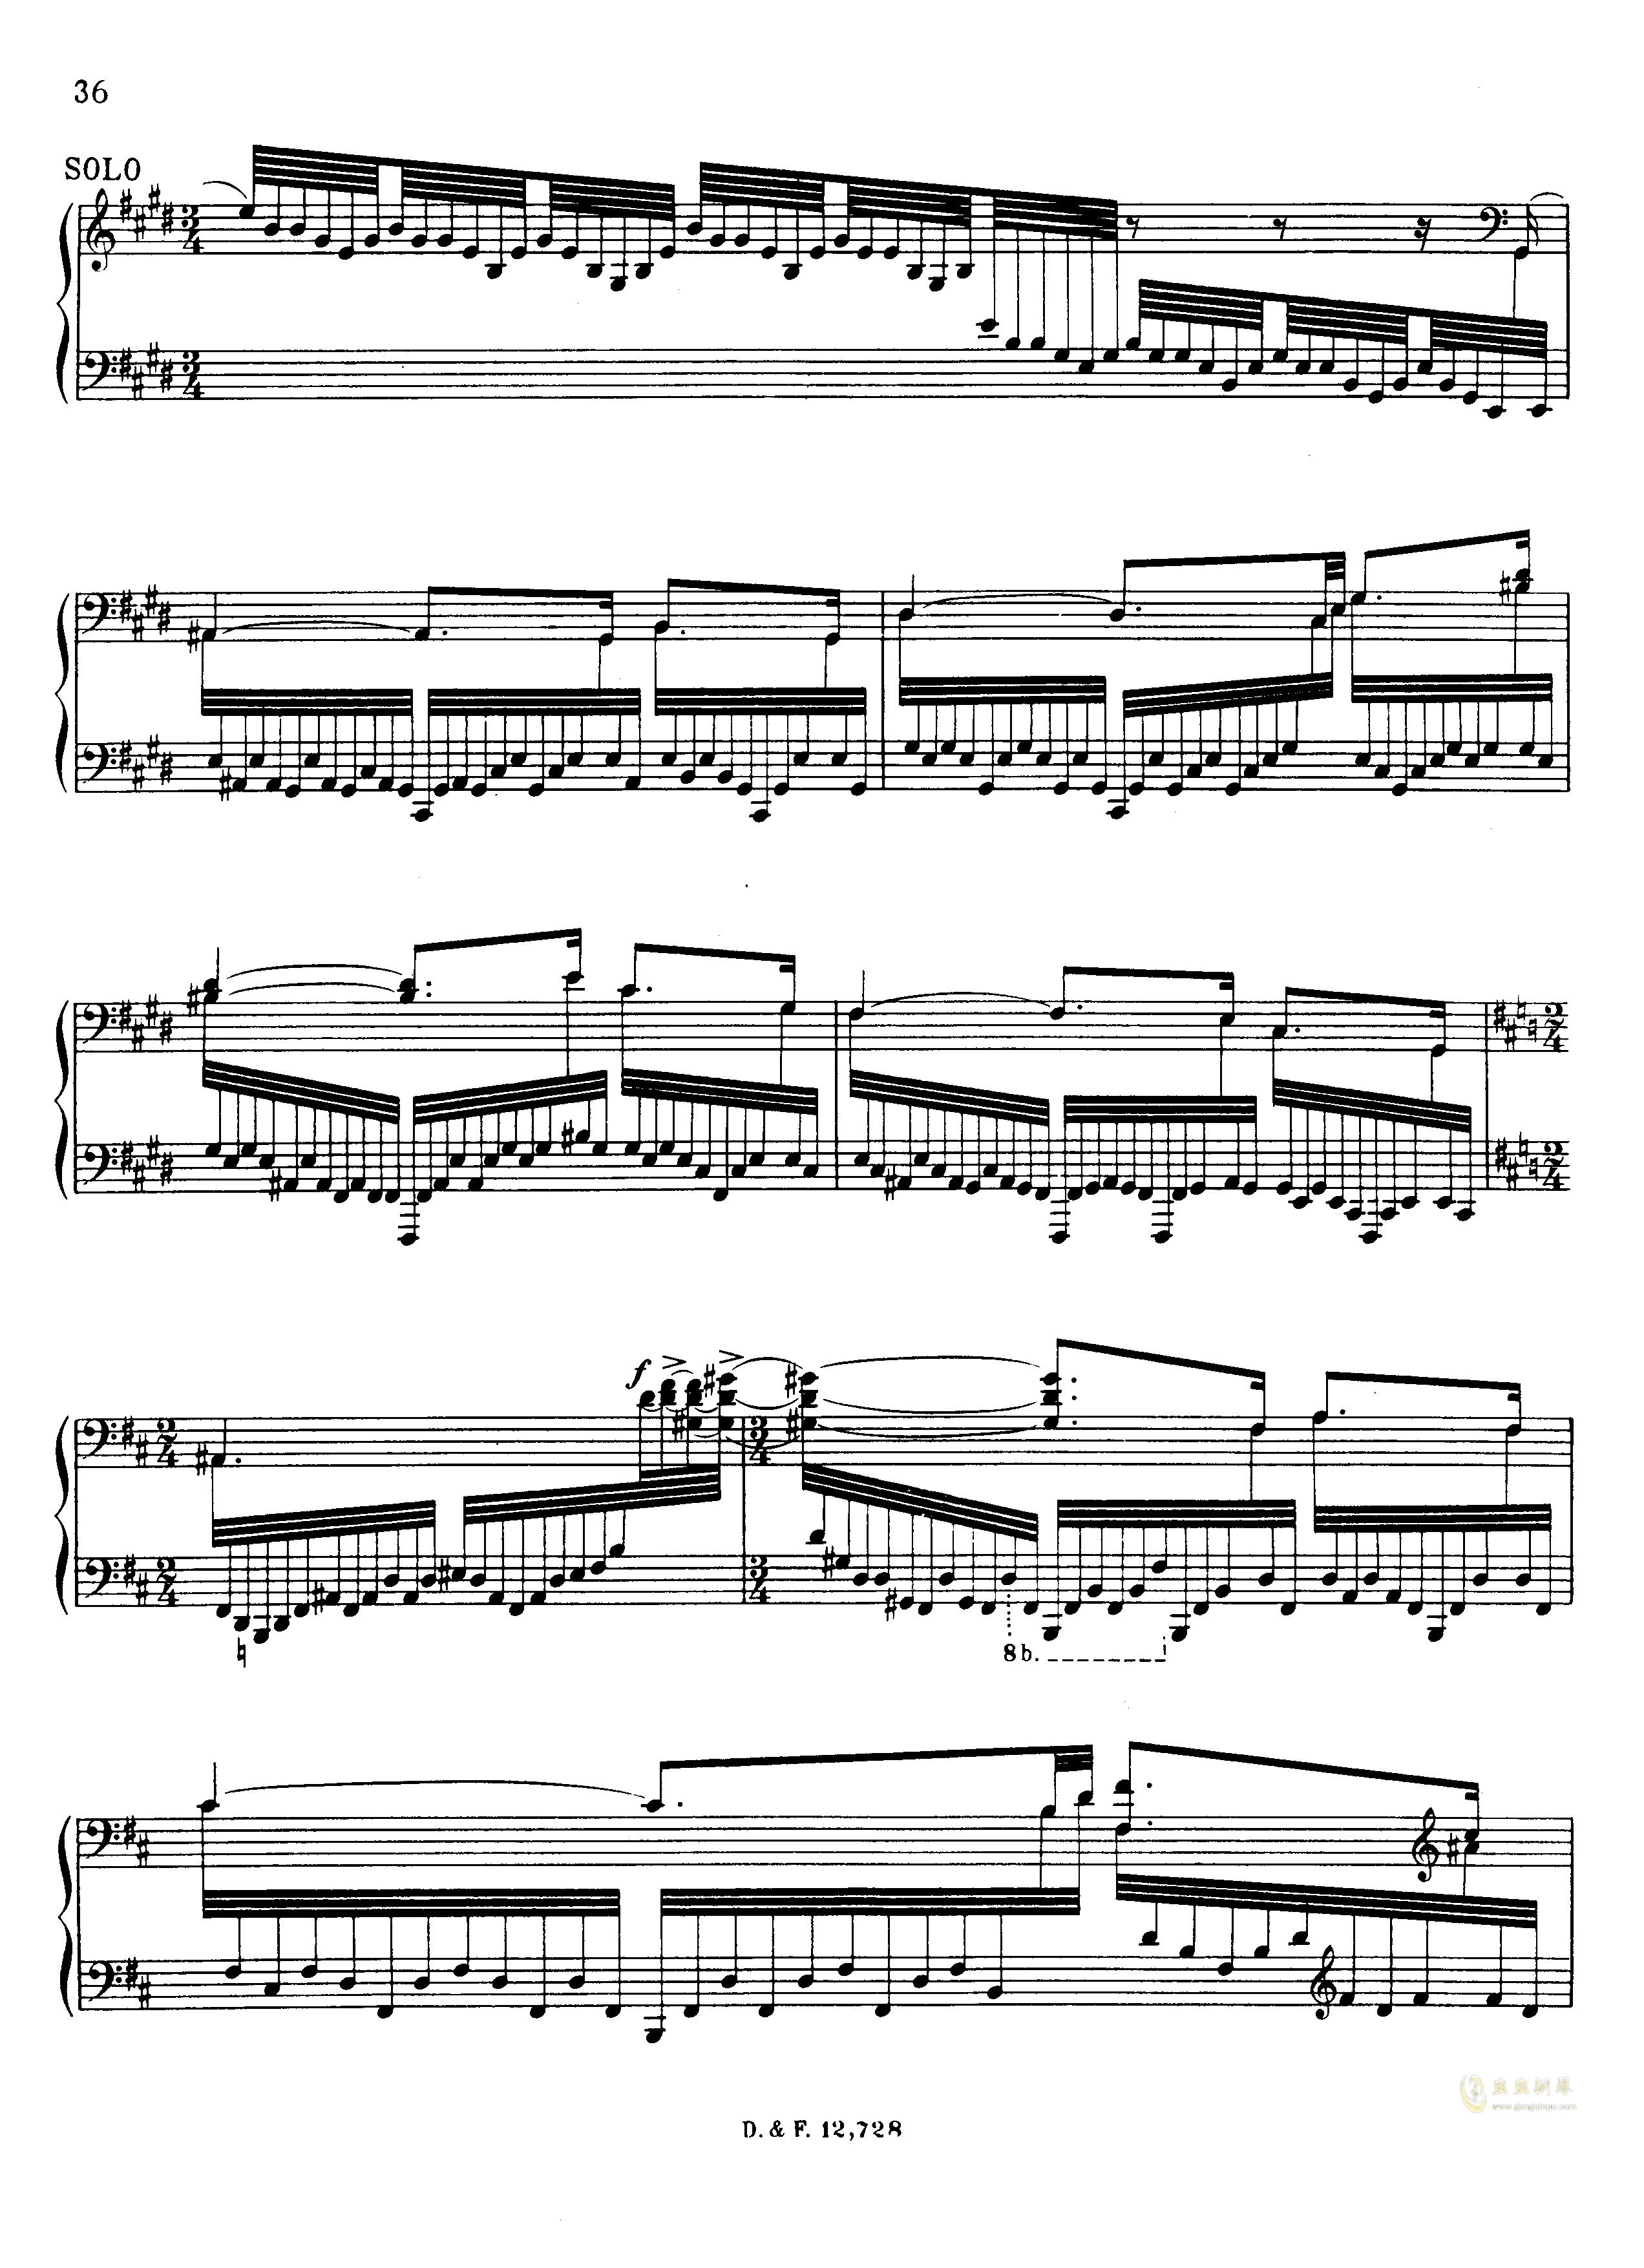 左手钢琴协奏曲钢琴谱 第36页